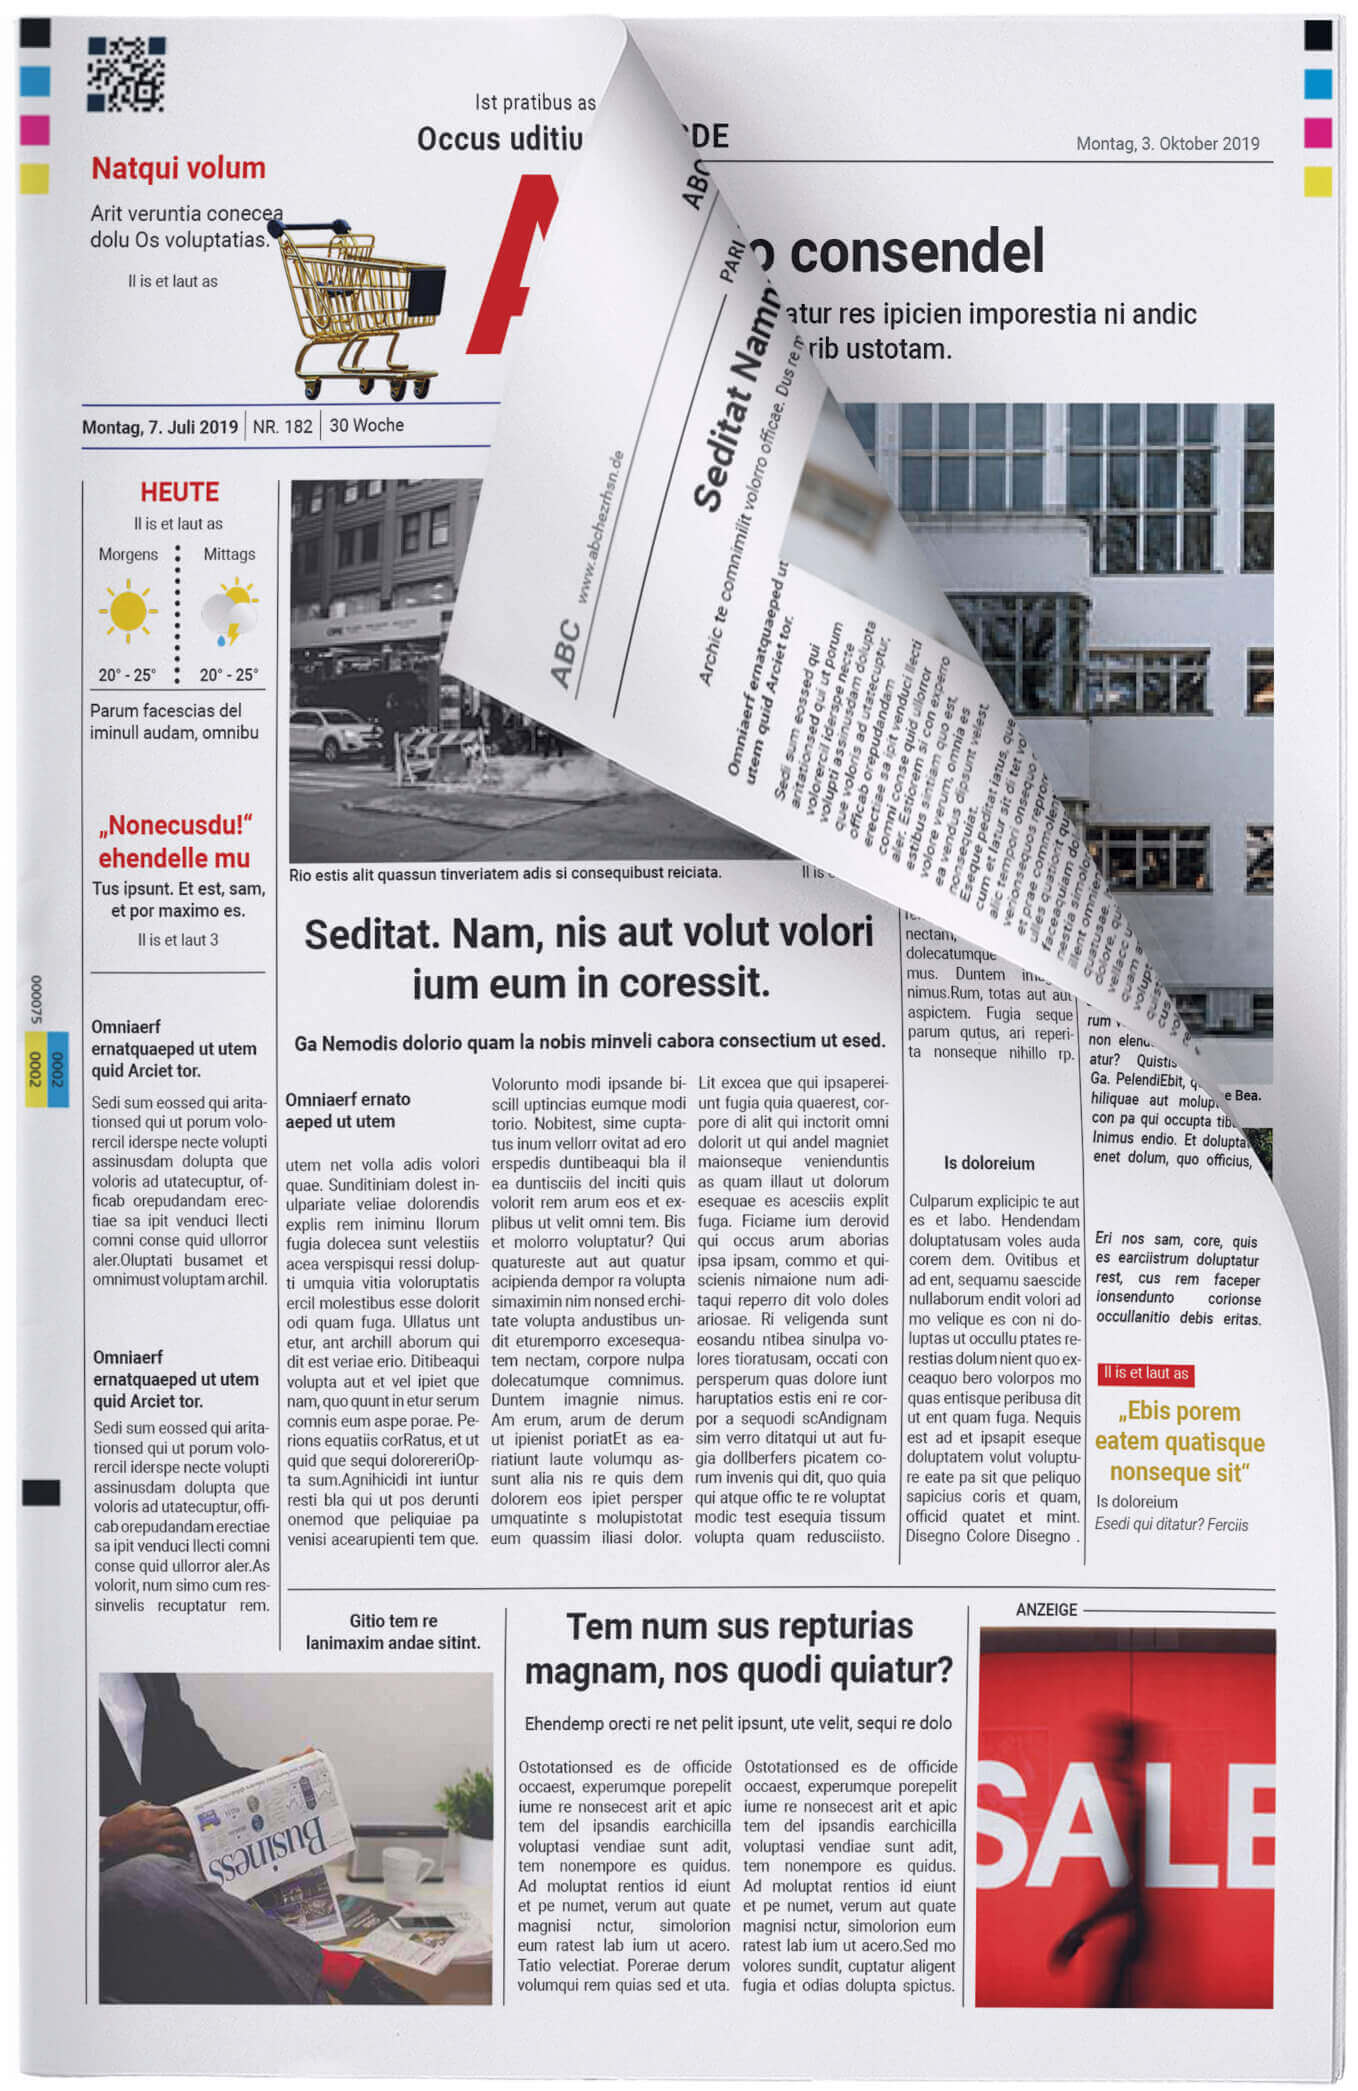 Vorlage für die Titelseite einer klassischen Zeitung